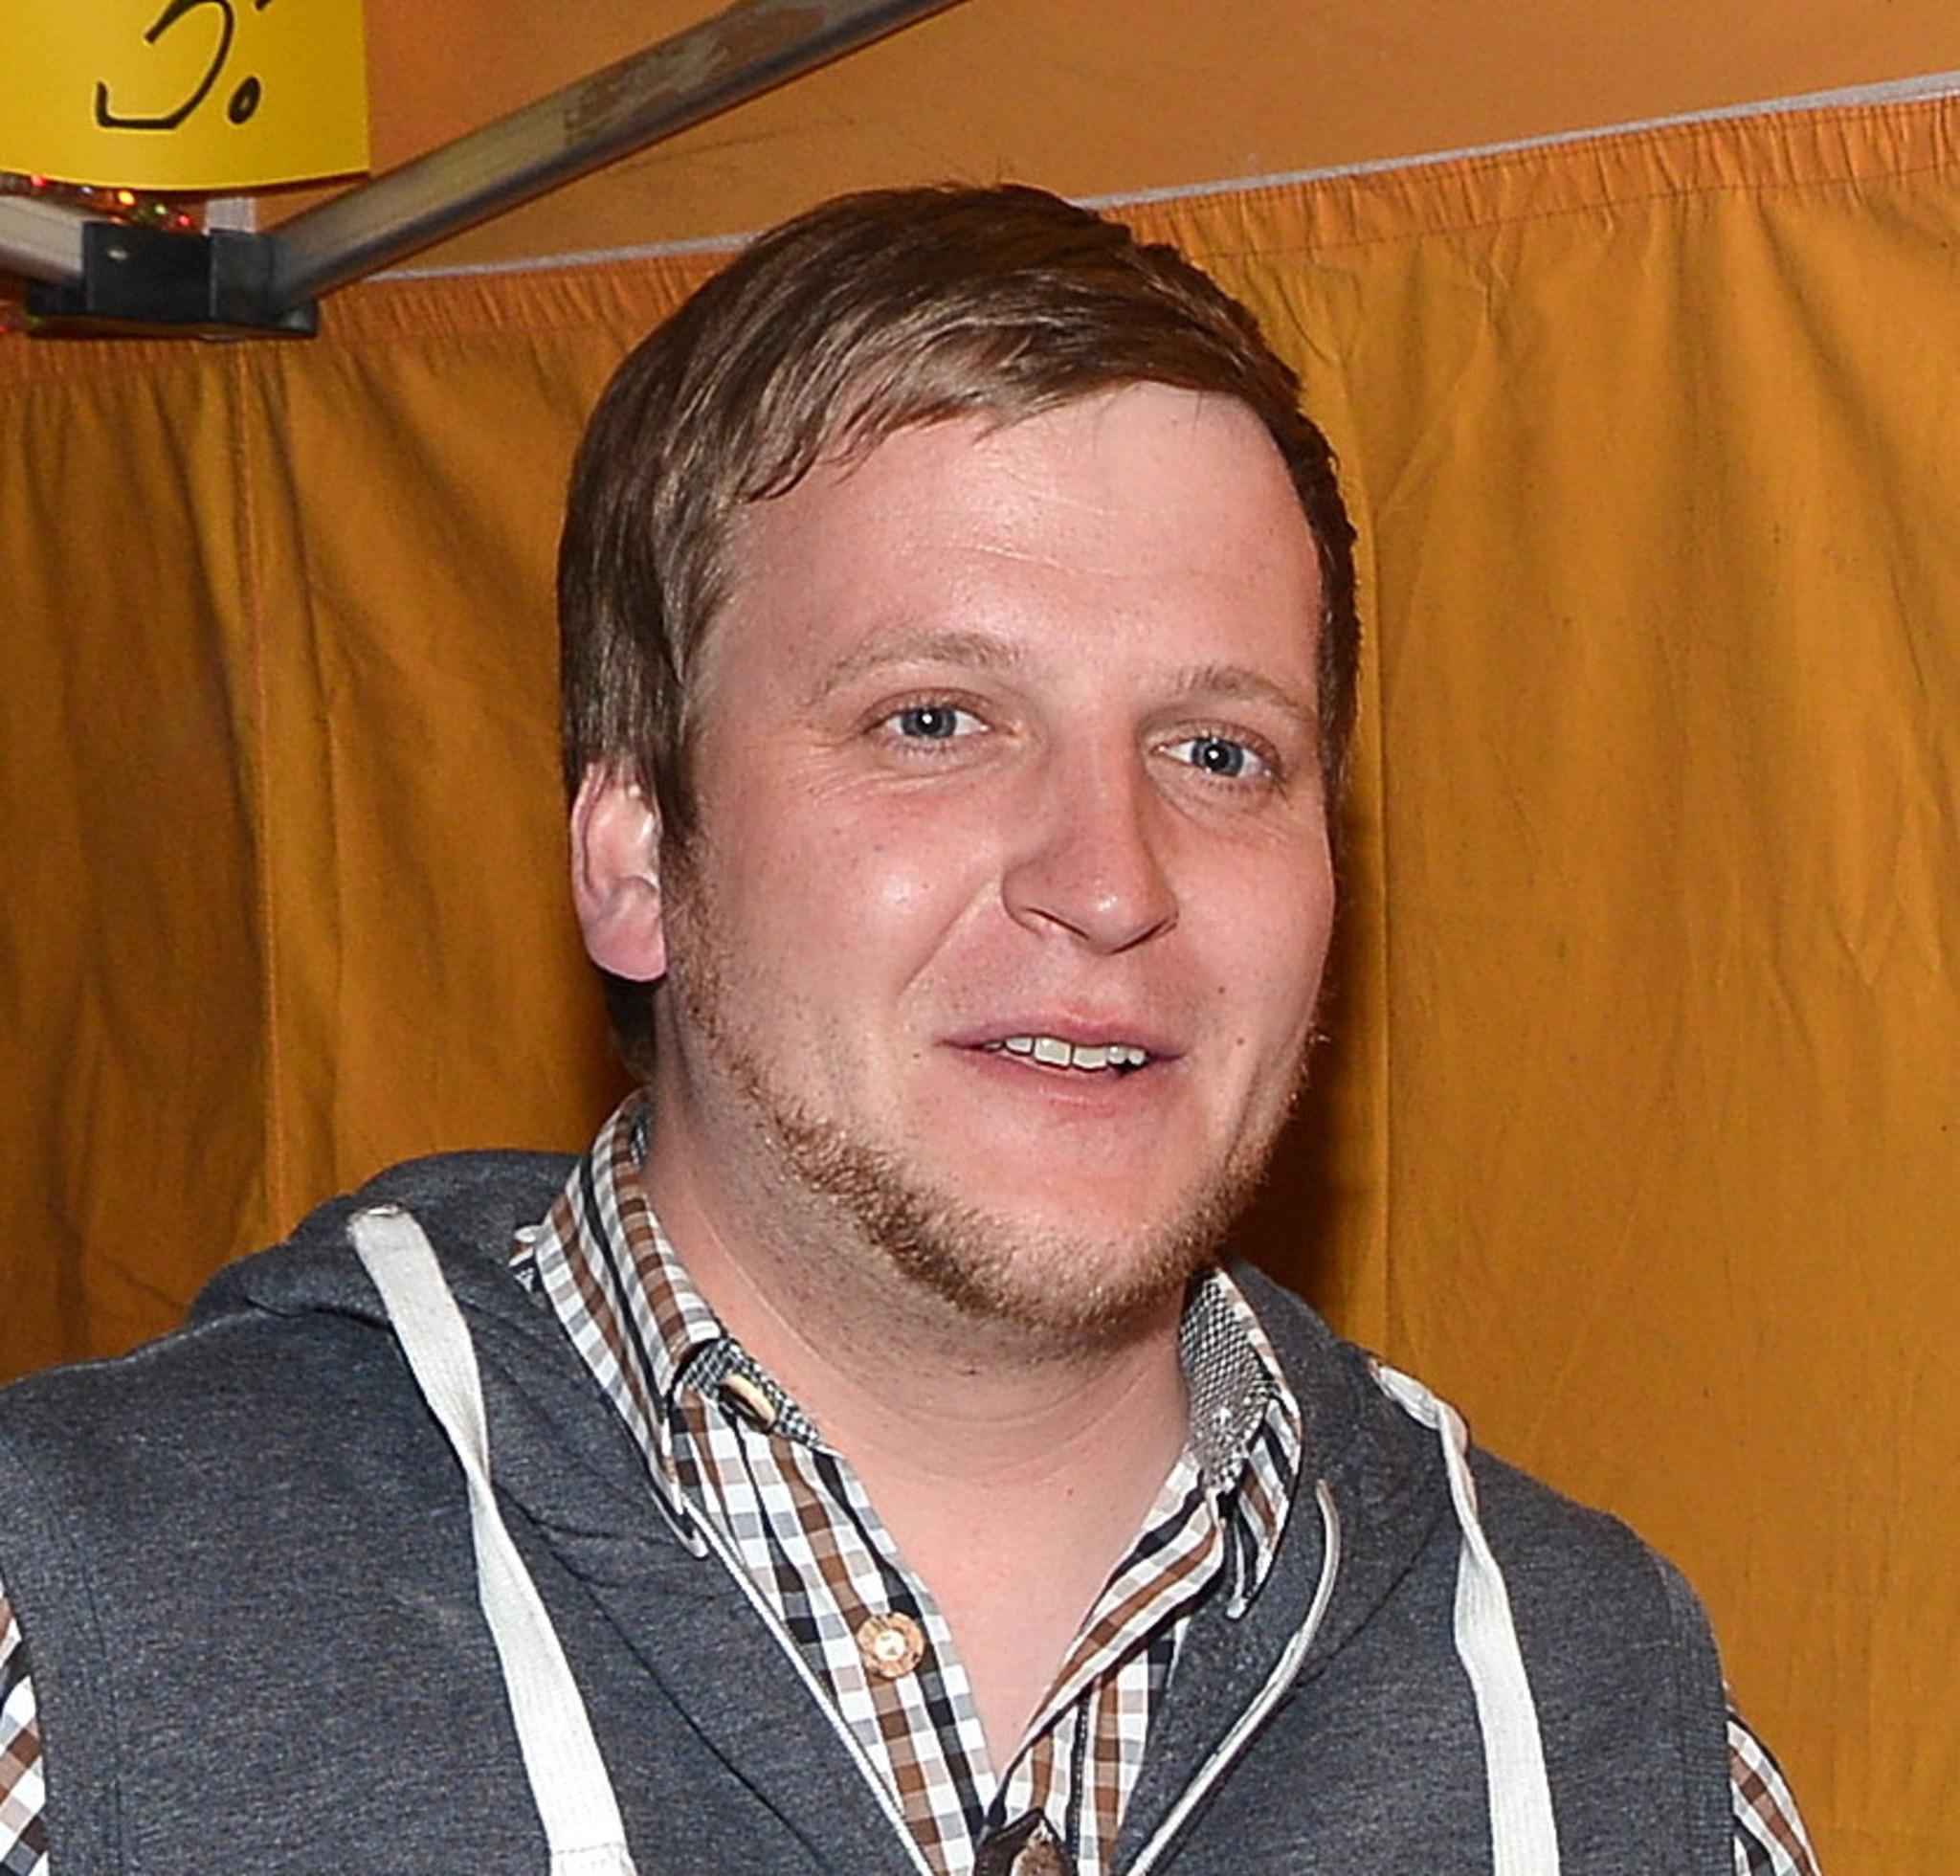 Profil von Lustig auf intertecinc.com